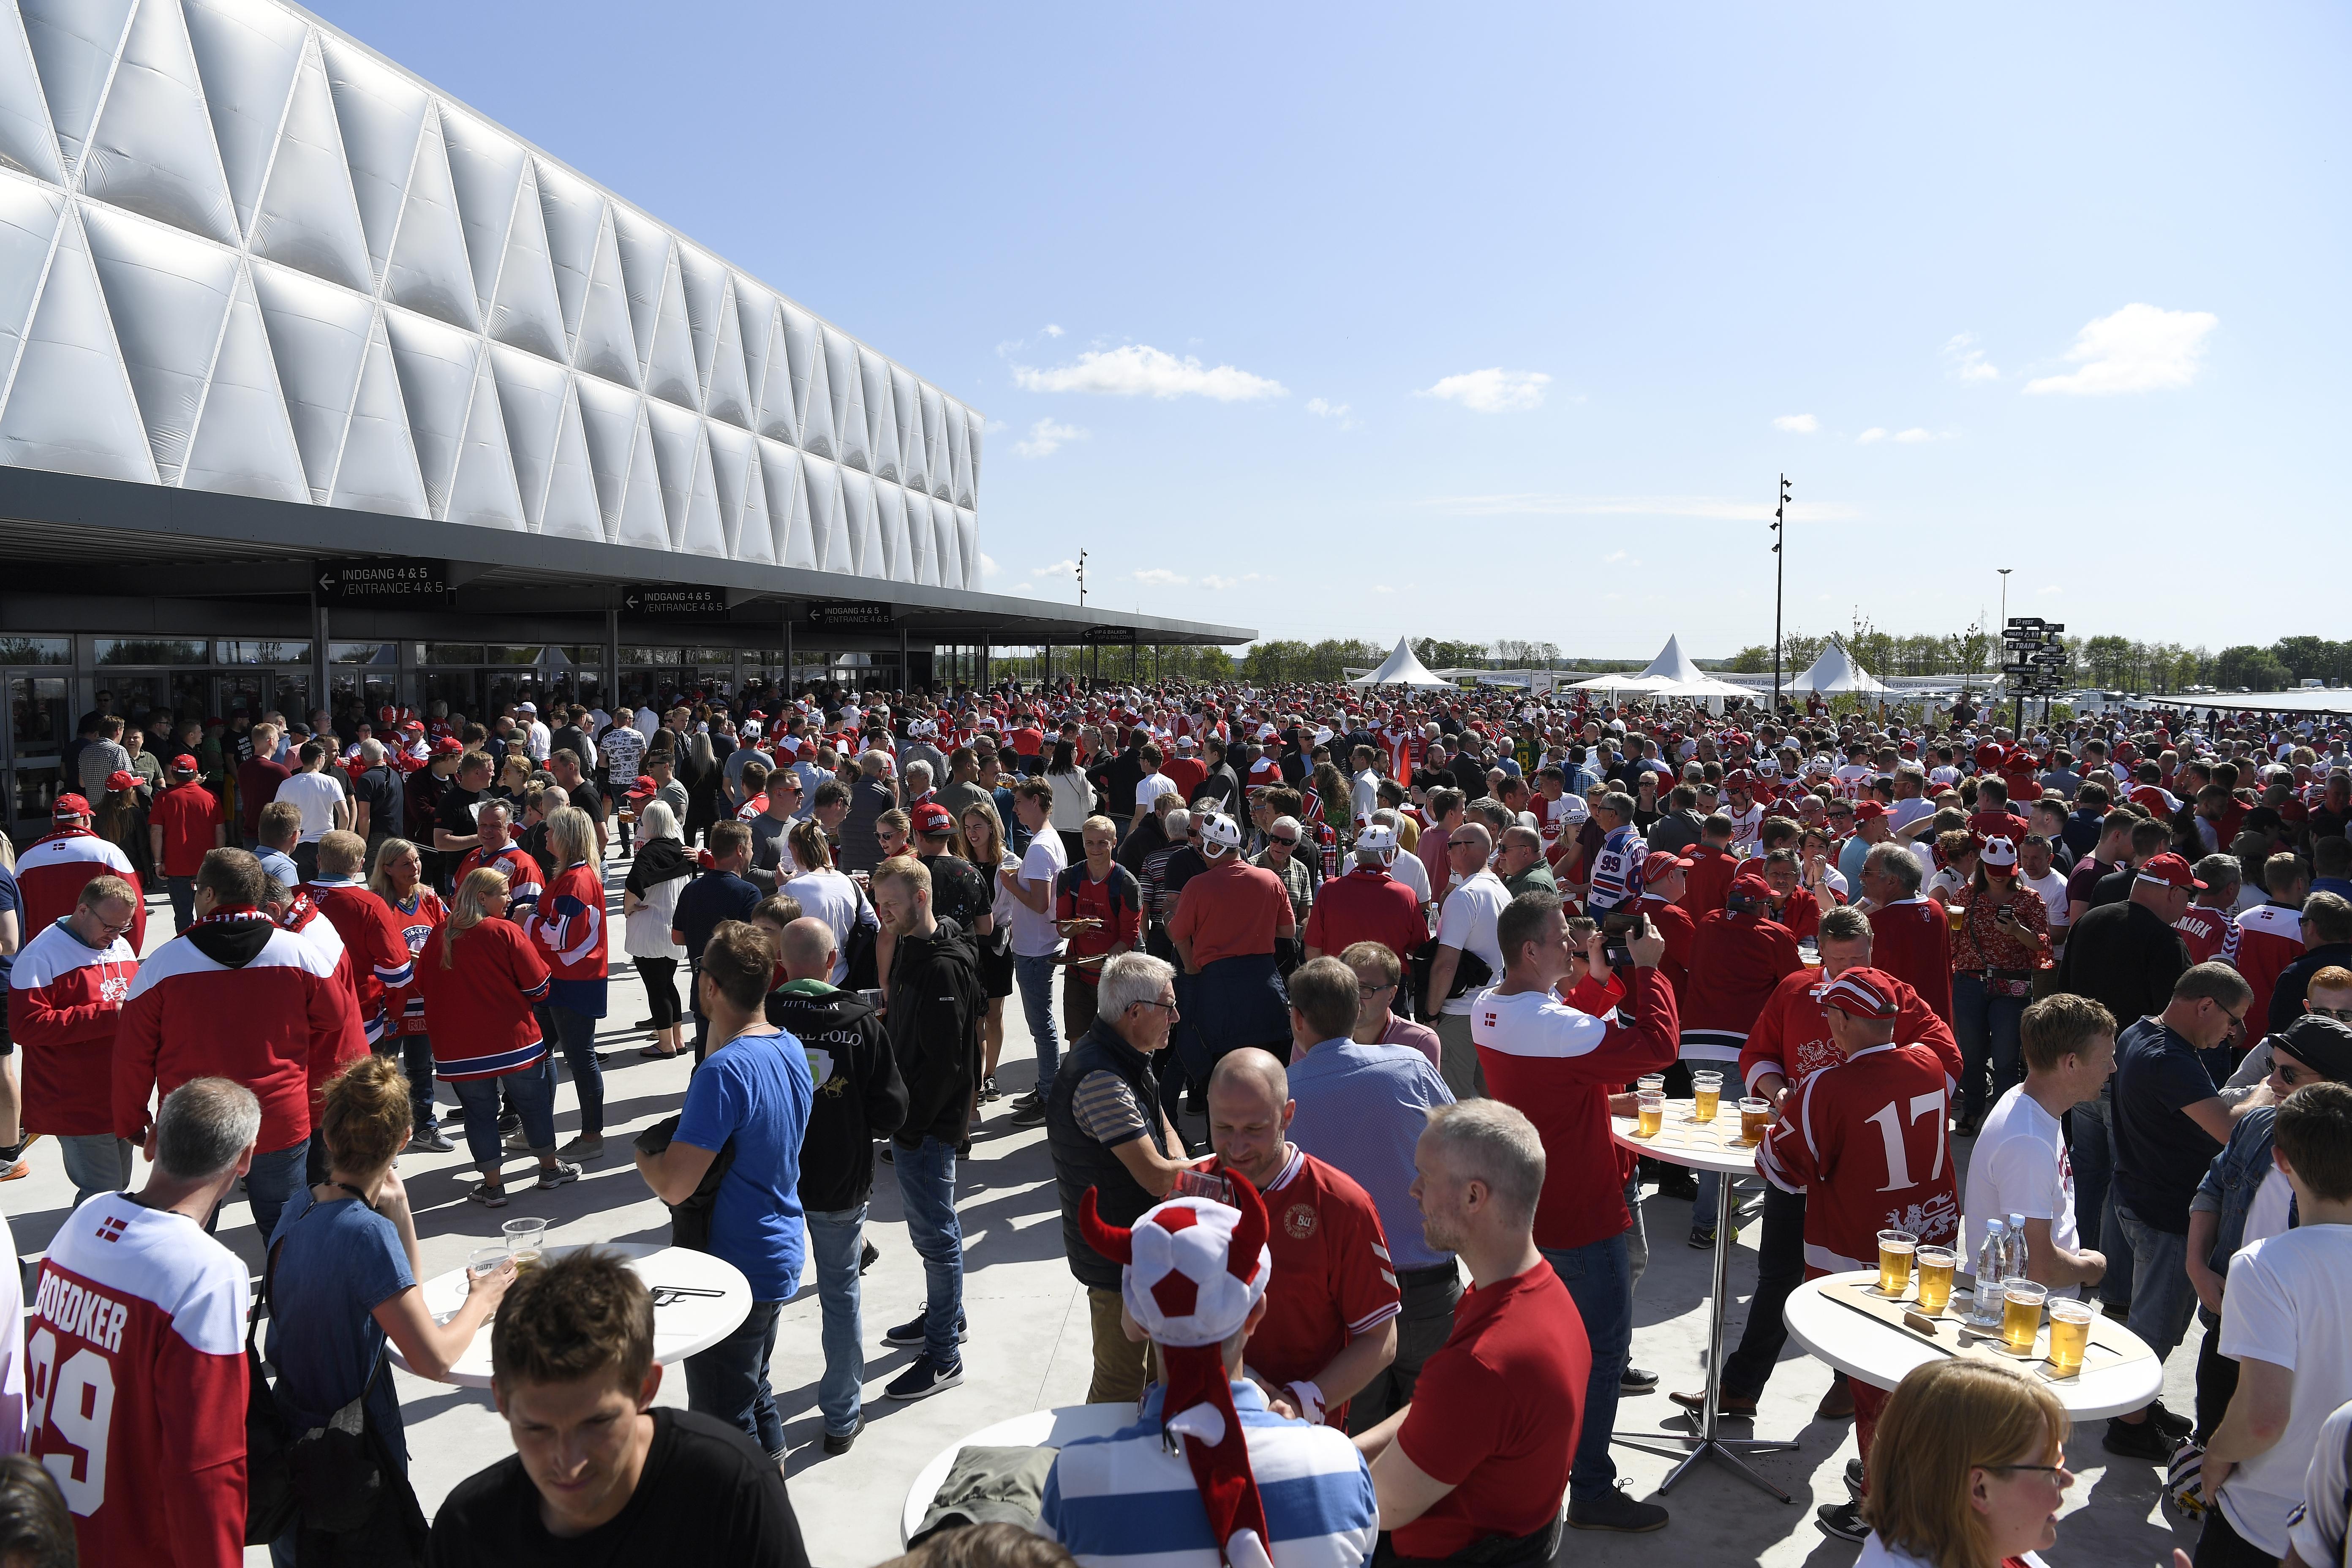 Den nye ankomstplads foran Jyske Bank Boxen ved Messecenter Herning var omdannet til fanzone under VM i Ishockey 2018. Foto: MCH/Lars Møller.